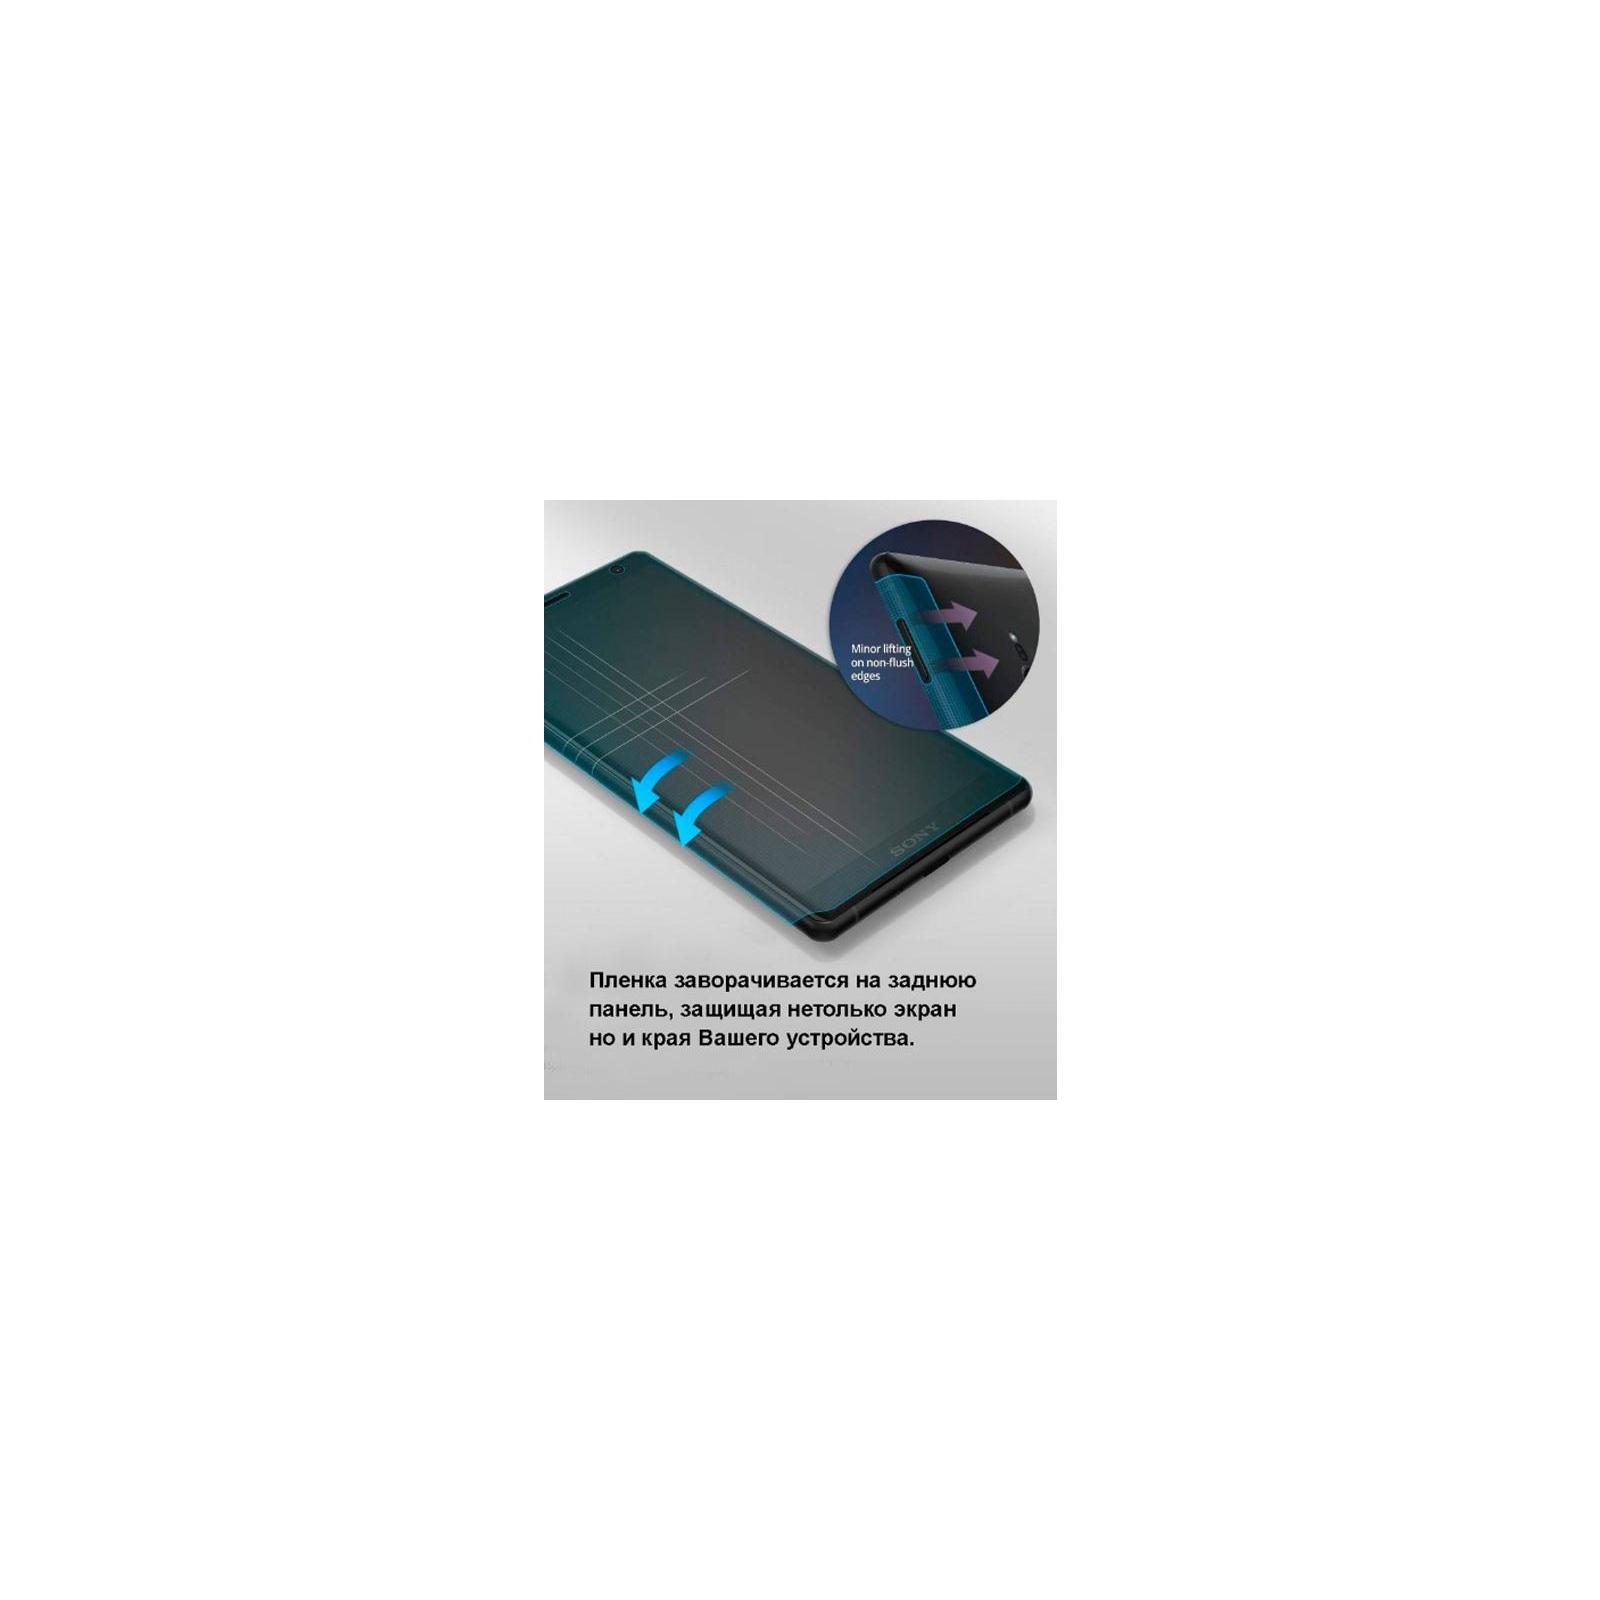 Пленка защитная Ringke для телефона Sony Xperia XZ2 Compact Full Cover (RSP4456) изображение 5